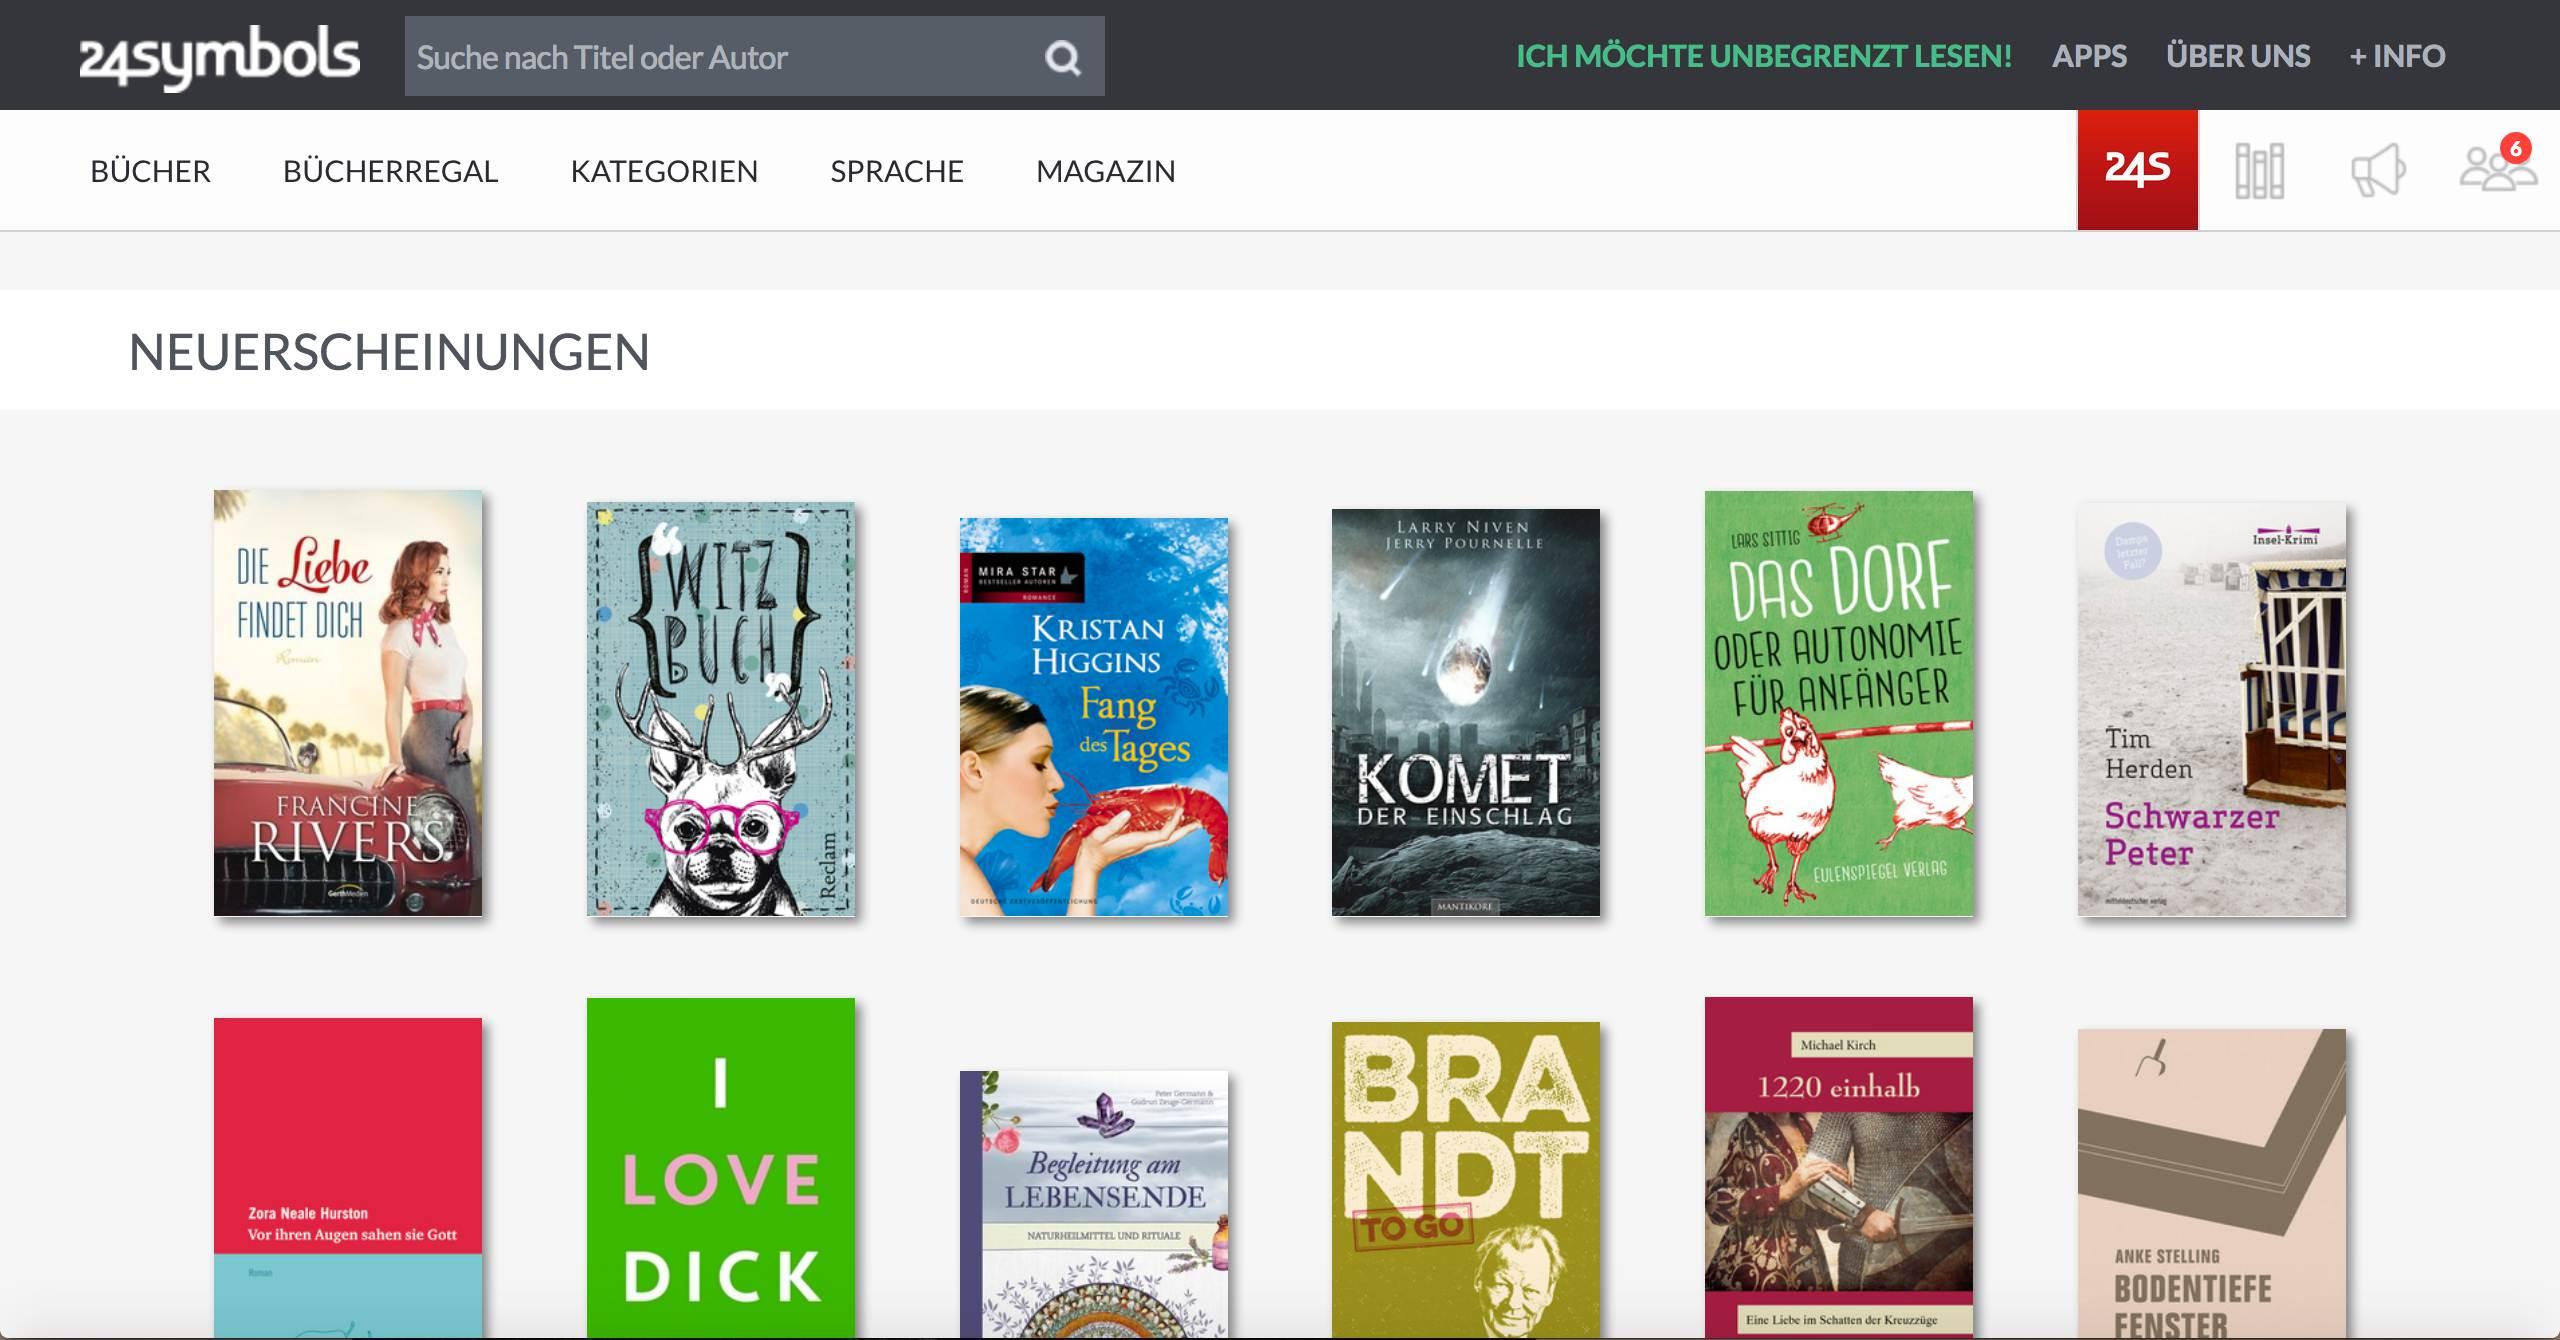 Willkommen in Ihrer neuen digitalen Bibliothek